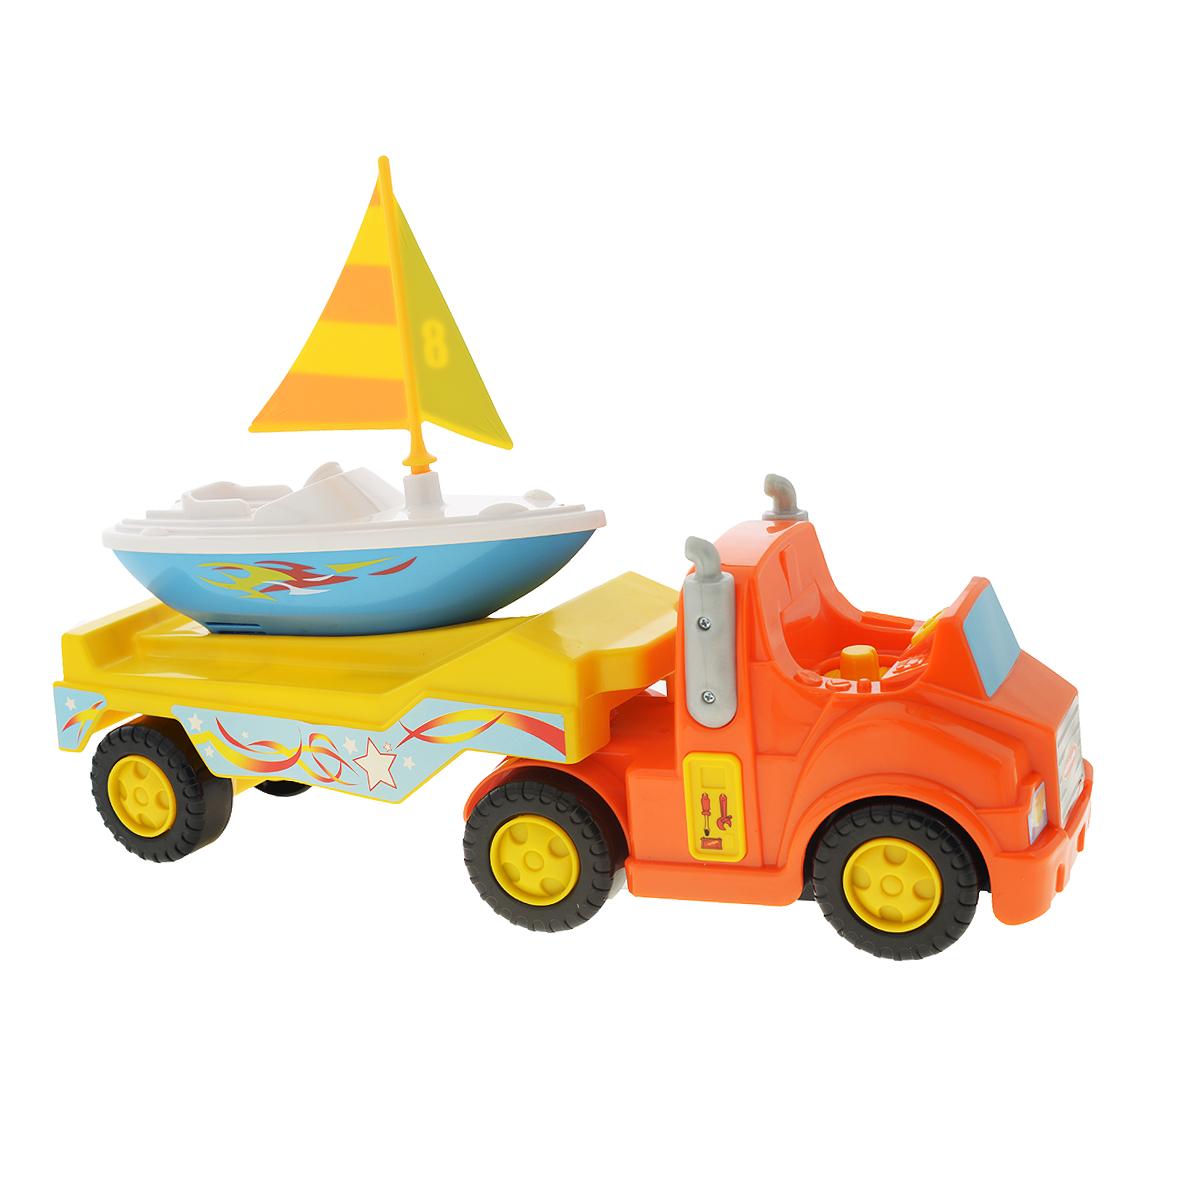 Kiddieland Развивающая игрушка Трейлер с яхтой kiddieland развивающая игрушка забавная камера